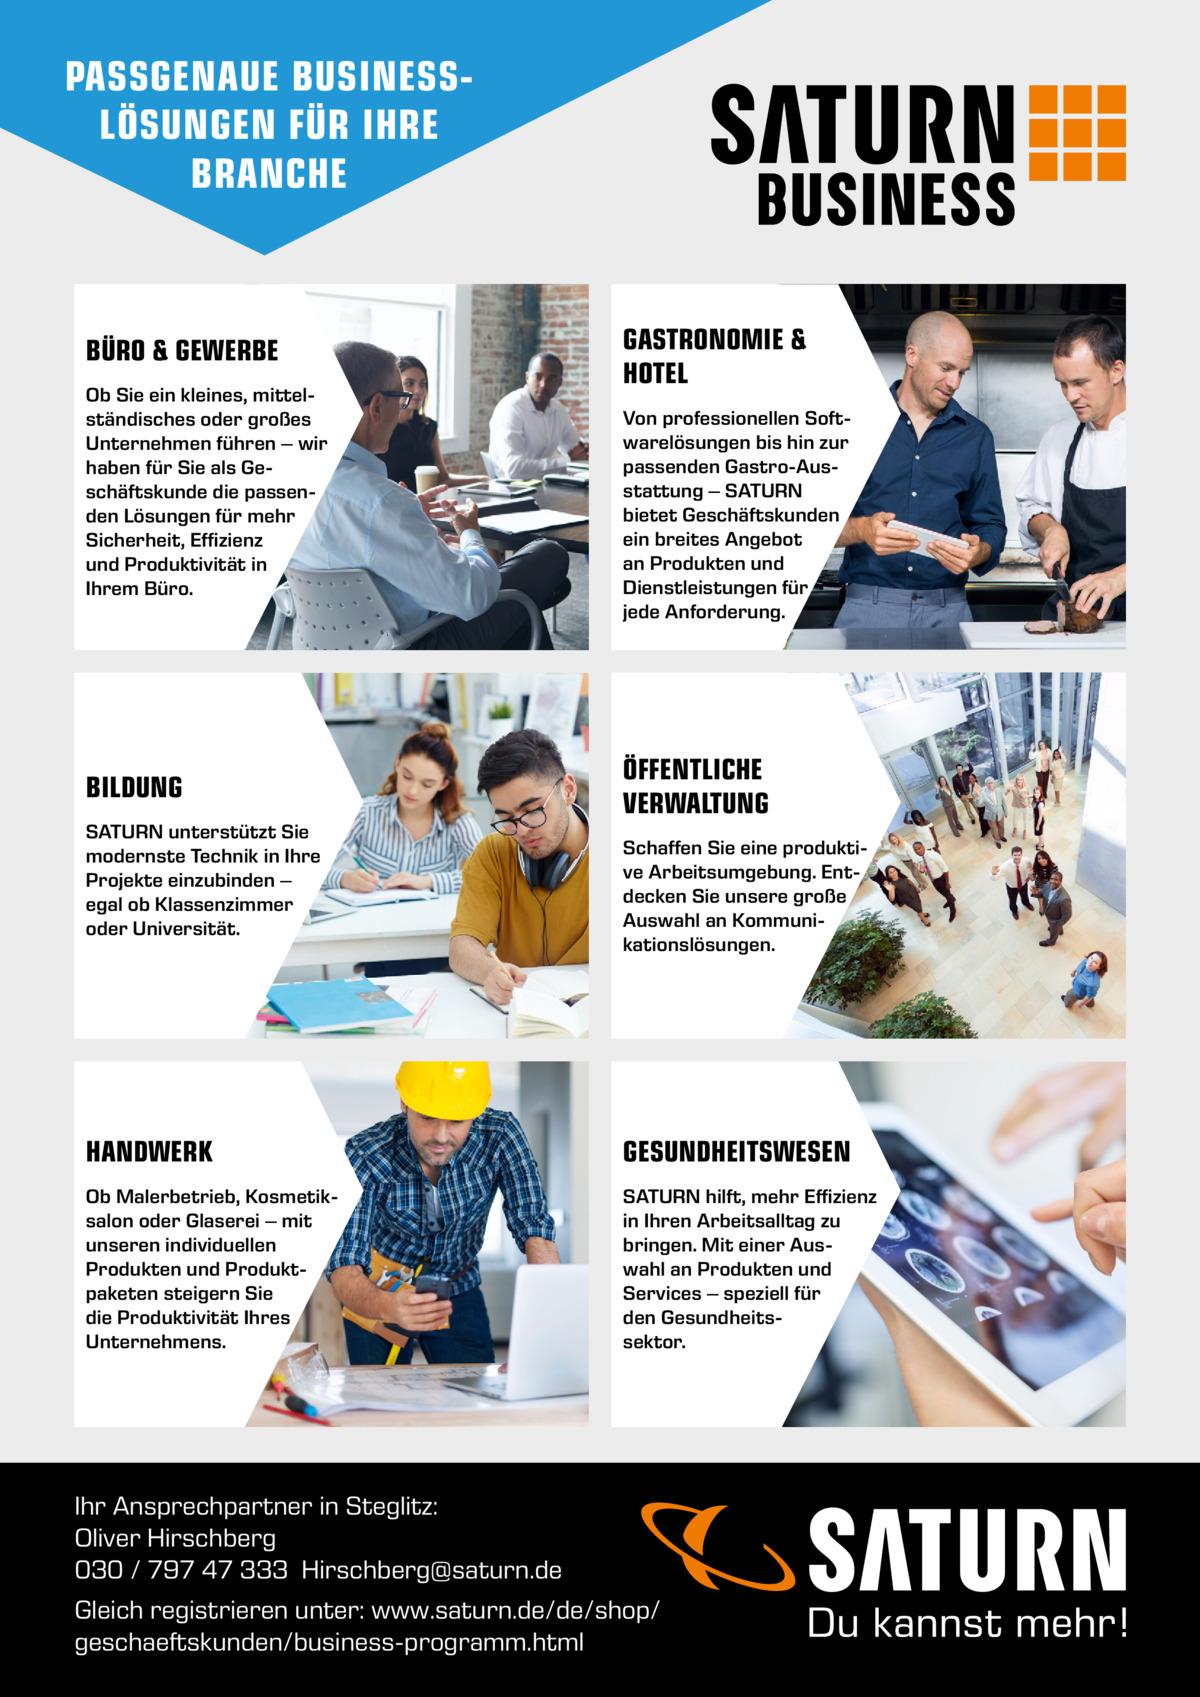 PASSGENAUE BUSINESSLÖSUNGEN FÜR IHRE BRANCHE  BÜRO & GEWERBE Ob Sie ein kleines, mittel ständisches oder großes Unternehmen führen – wir haben für Sie als Ge schäftskunde die passen den Lösungen für mehr Sicherheit, Effizienz und Produktivität in Ihrem Büro.  BILDUNG SATURN unterstützt Sie modernste Technik in Ihre Projekte einzubinden – egal ob Klassenzimmer oder Universität.  GASTRONOMIE & HOTEL Von professionellen Soft warelösungen bis hin zur passenden GastroAus stattung – SATURN bietet Geschäftskunden ein breites Angebot an Produkten und Dienstleistungen für jede Anforderung.  ÖFFENTLICHE VERWALTUNG Schaffen Sie eine produkti ve Arbeitsumgebung. Ent decken Sie unsere große Auswahl an Kommuni kationslösungen.  HANDWERK  GESUNDHEITSWESEN  Ob Malerbetrieb, Kosmetik salon oder Glaserei – mit unseren individuellen Produkten und Produkt paketen steigern Sie die Produktivität Ihres Unternehmens.  SATURN hilft, mehr Effizienz in Ihren Arbeitsalltag zu bringen. Mit einer Aus wahl an Produkten und Services – speziell für den Gesundheits sektor.  Ihr Ansprechpartner in Steglitz: Oliver Hirschberg 030 / 797 47 333 Hirschberg@saturn.de Gleich registrieren unter: www.saturn.de/de/shop/ geschaeftskunden/business-programm.html